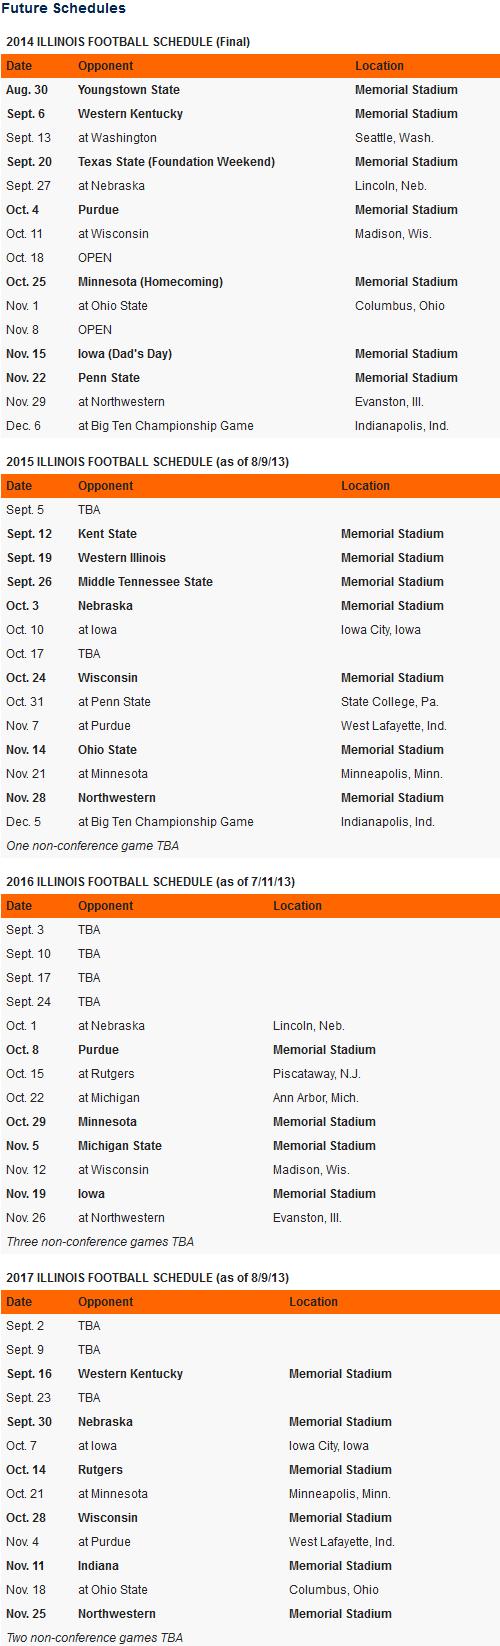 Illini Football Schedule 2019 Illinois Football Future Schedules (2014, 2015, 2016, 2017, 2018